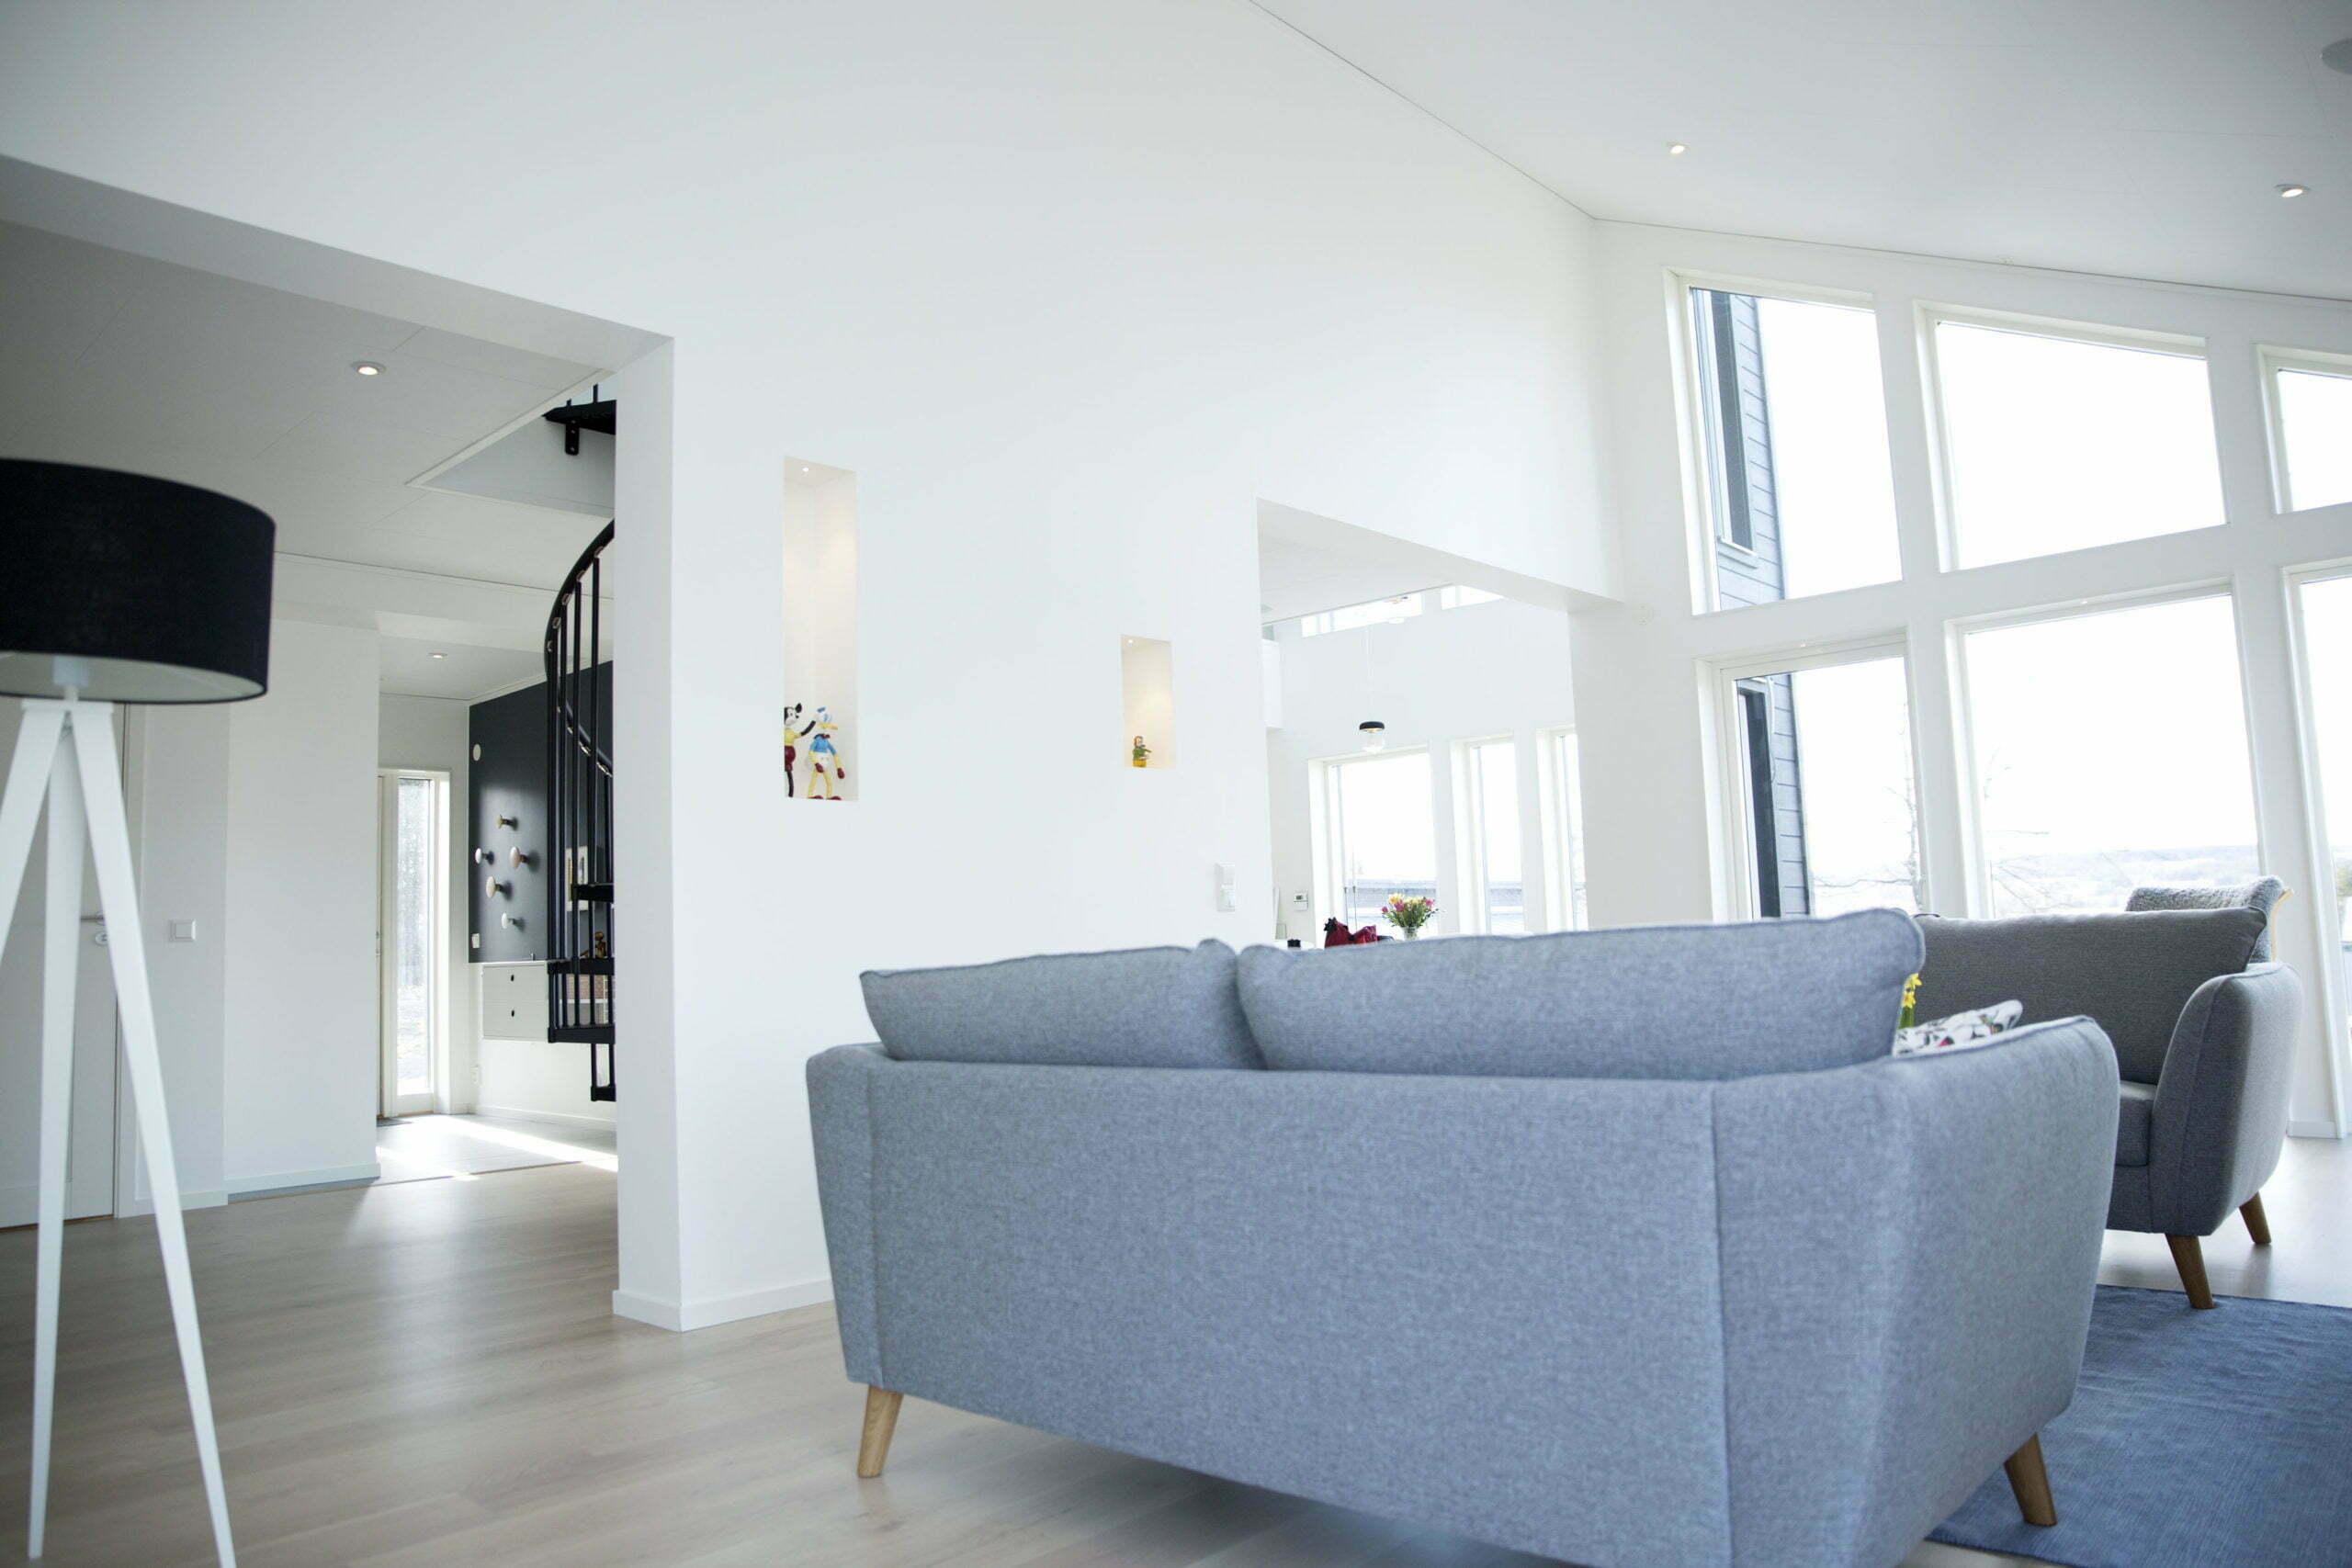 Elit plafond - Dijkmans B.V. - Duurzaam en slim (af)bouwen